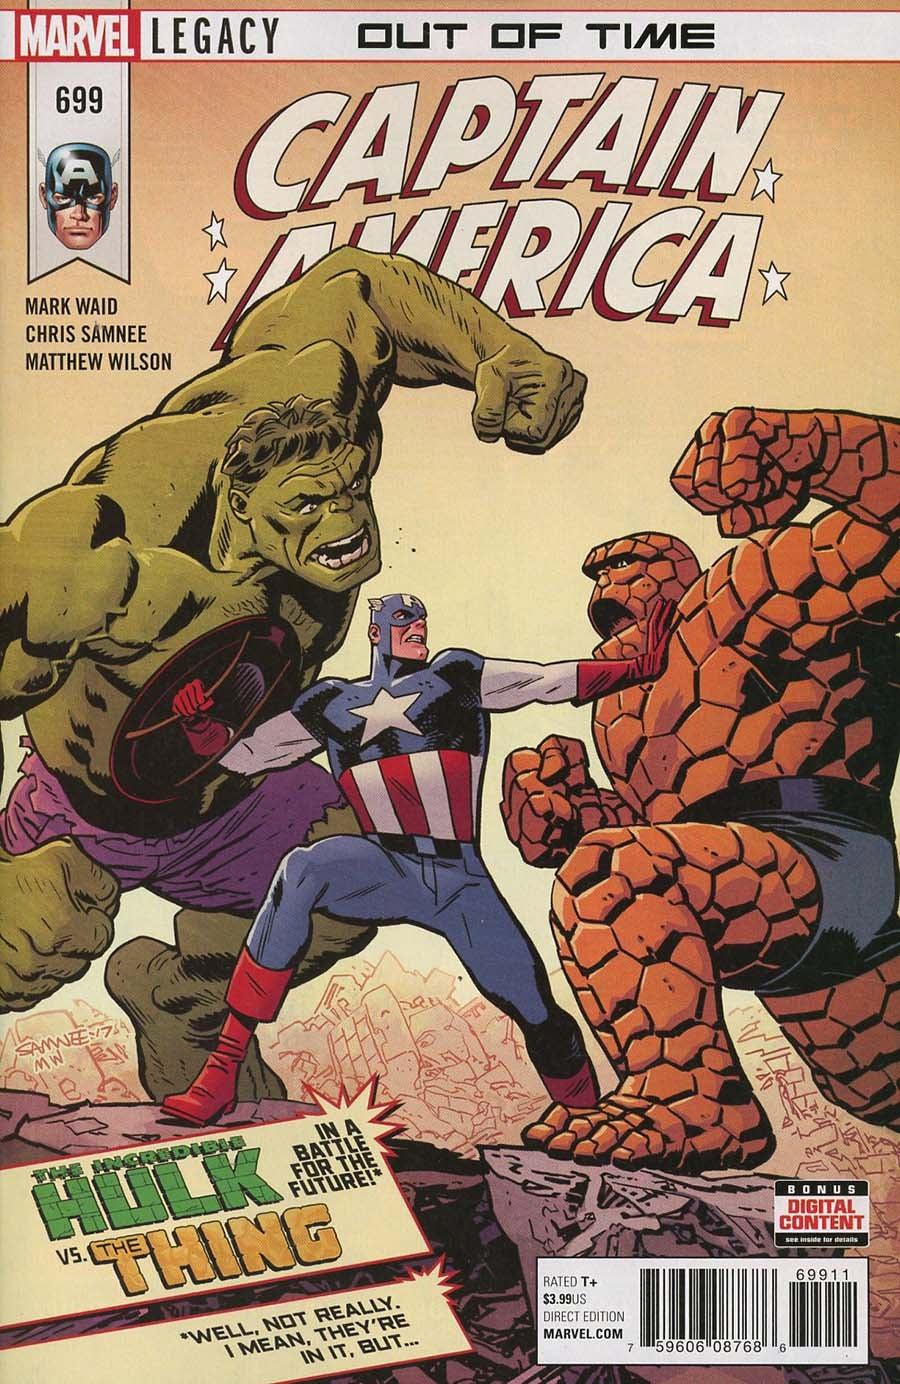 Captain America (1968) Vol. 1 Issue 699